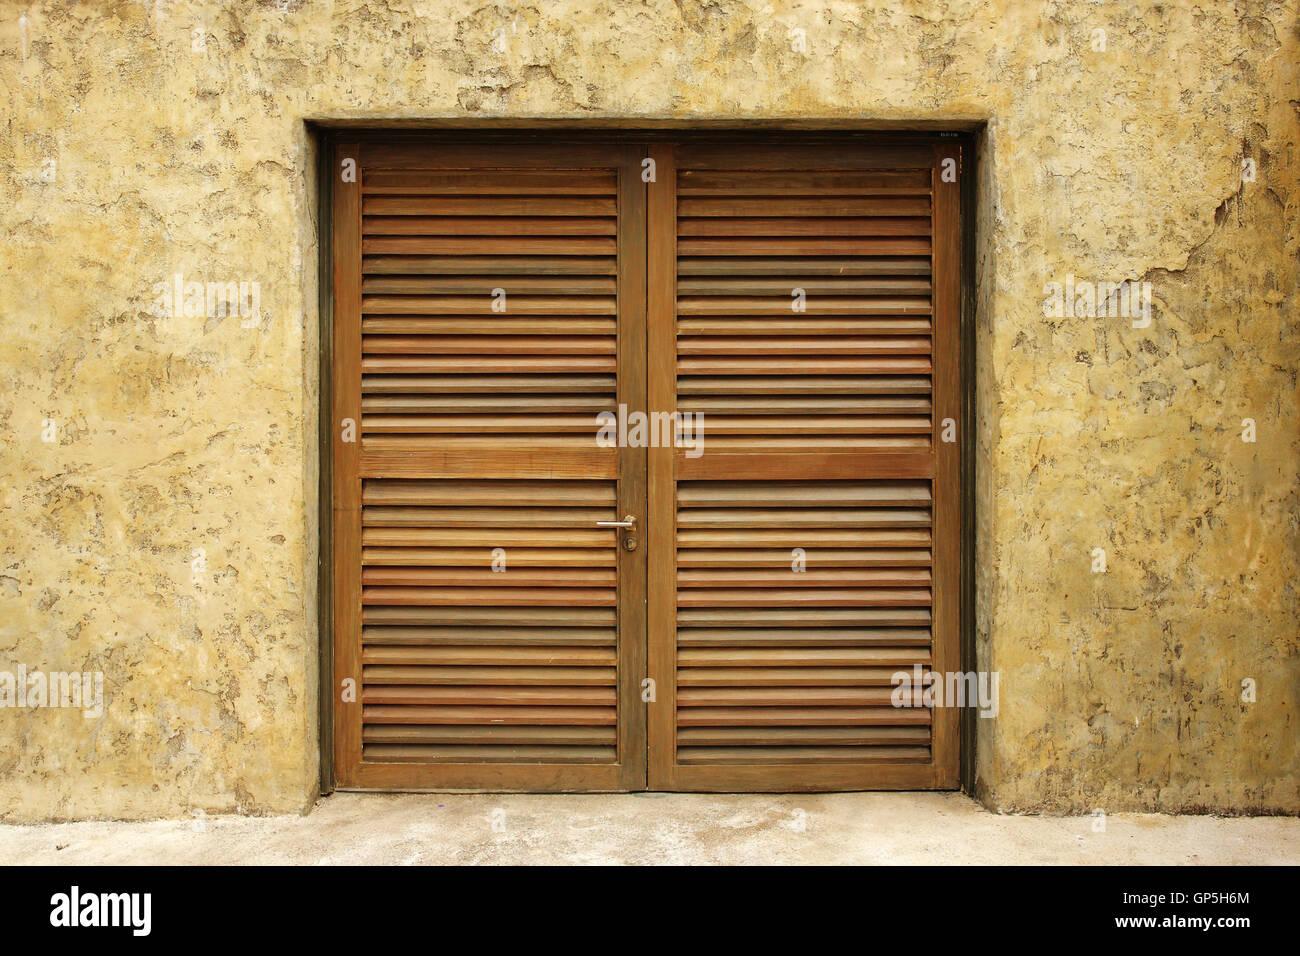 Wooden doors - Stock Image